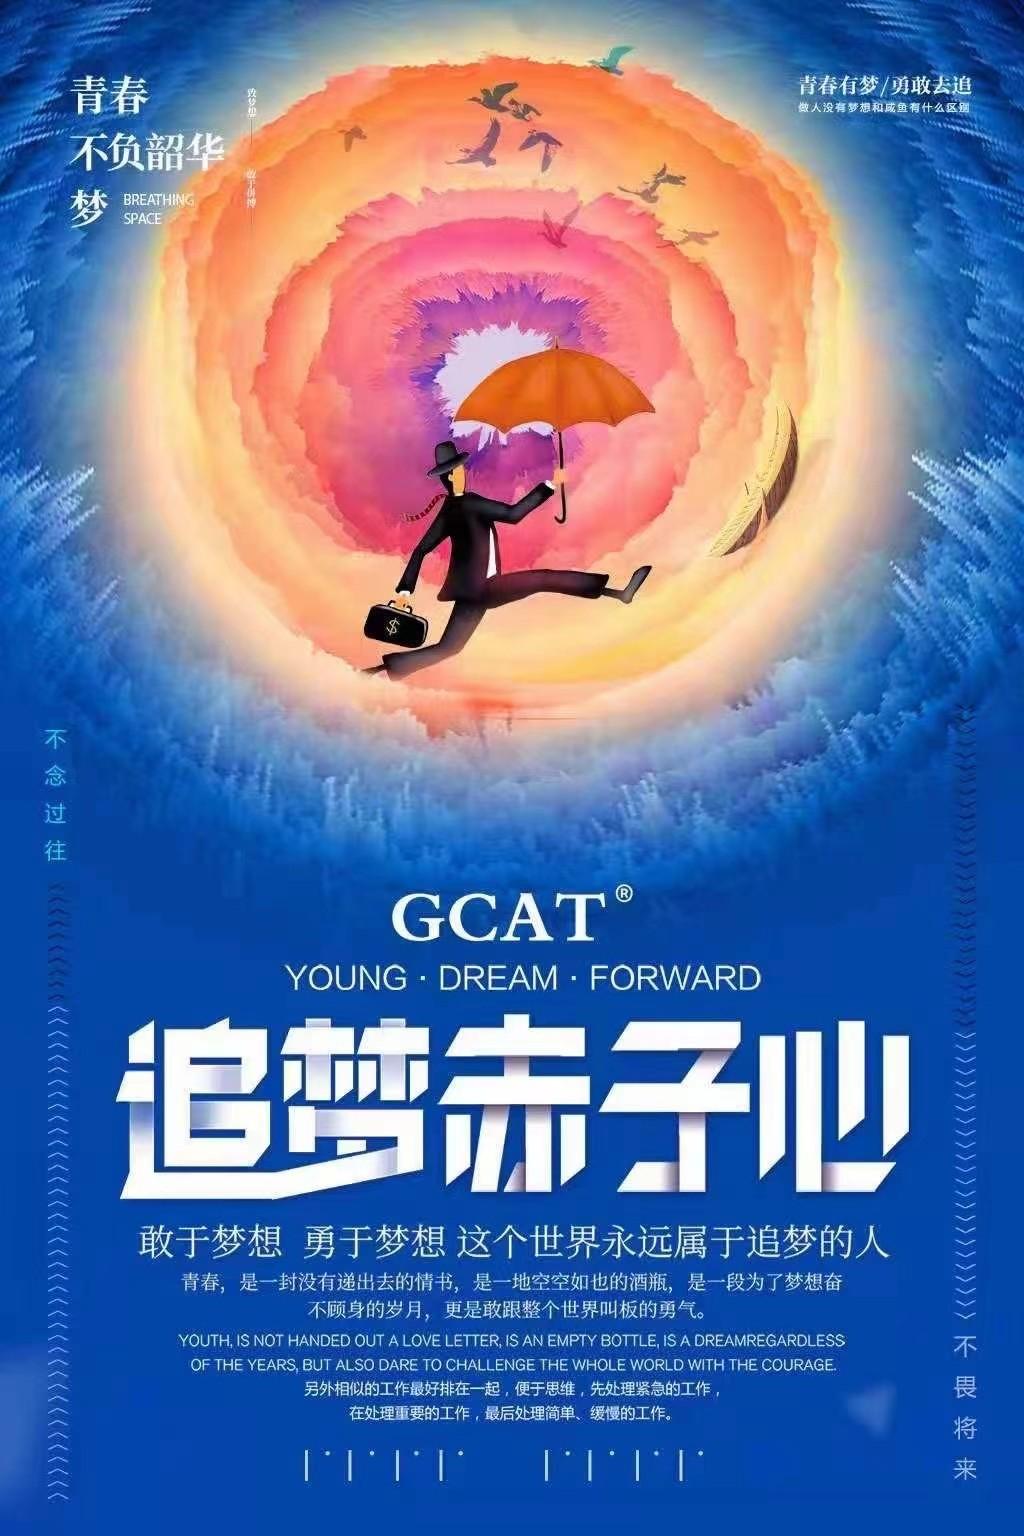 GCAT广告电商靠谱吗,合法吗?